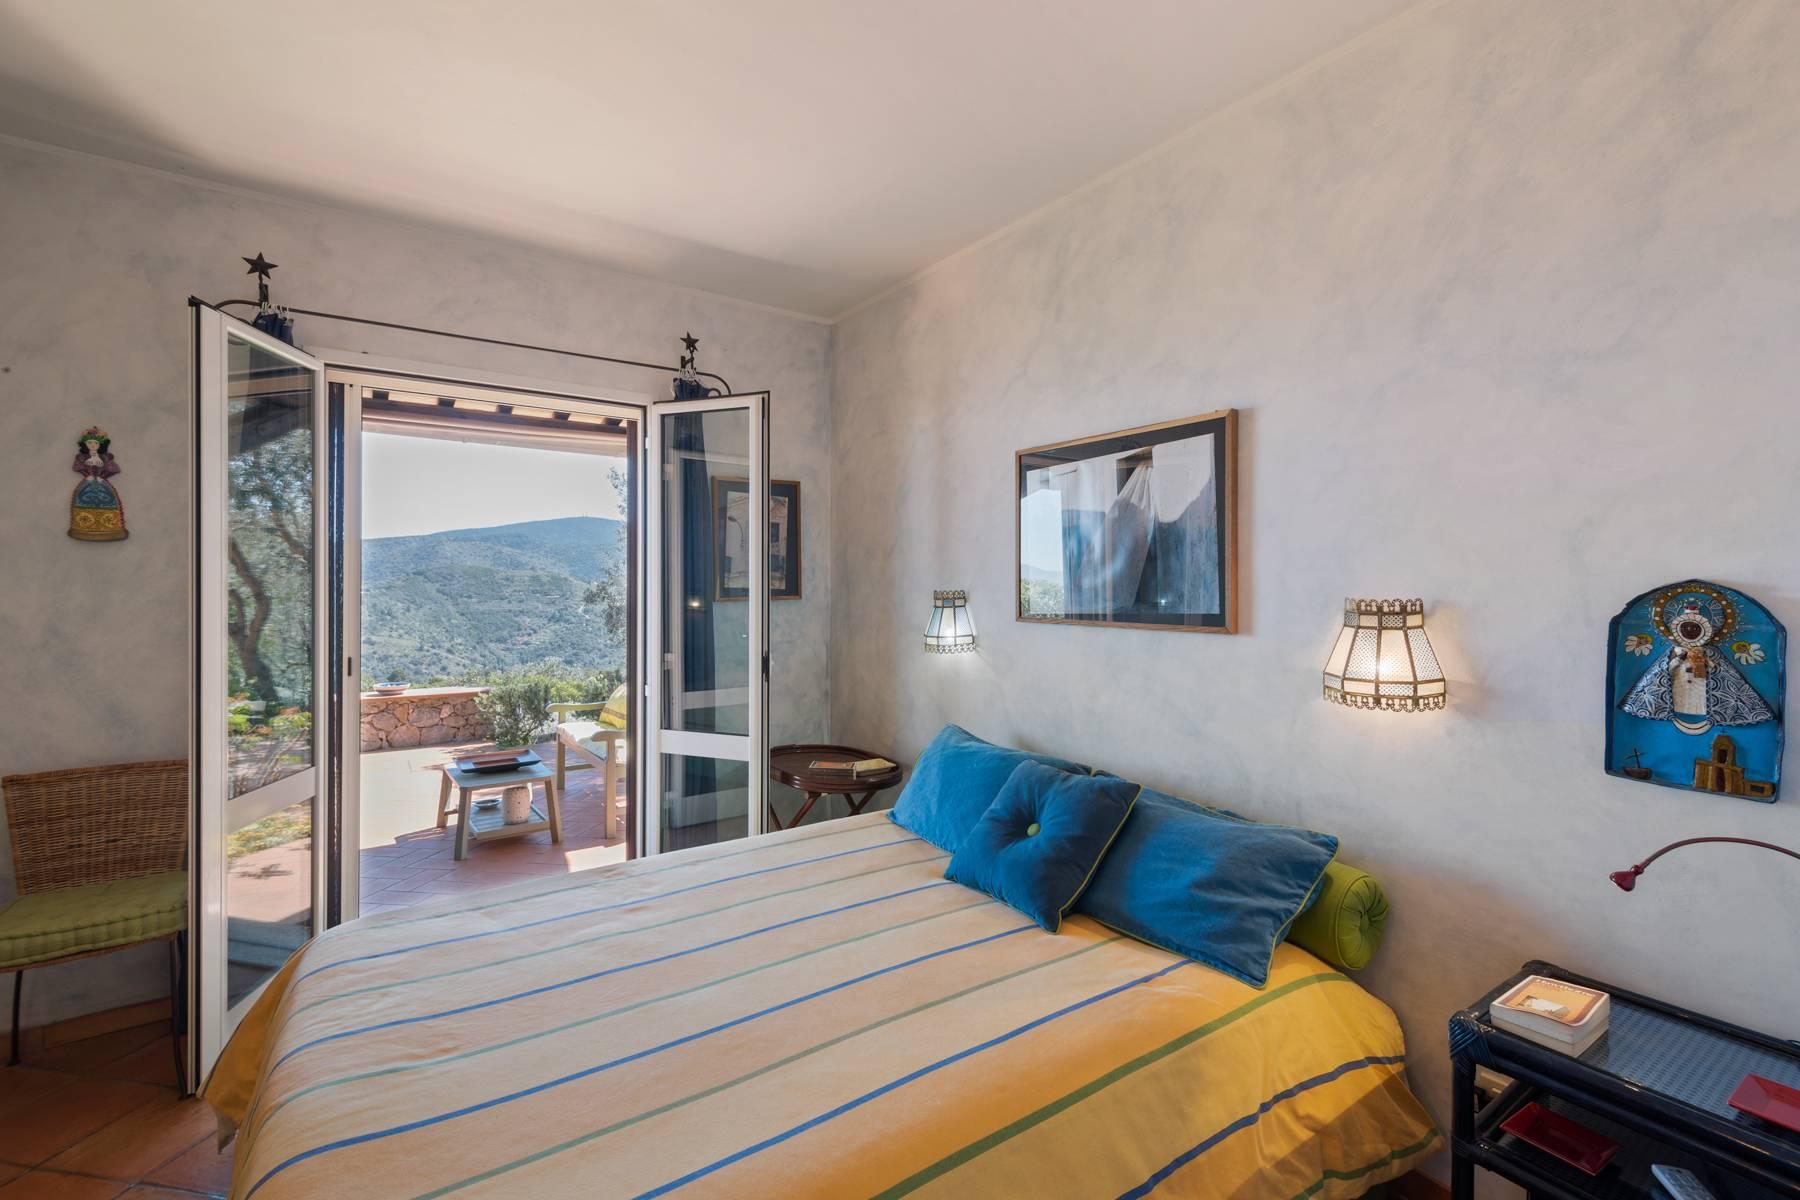 Villa in Vendita a Monte Argentario: 5 locali, 124 mq - Foto 17